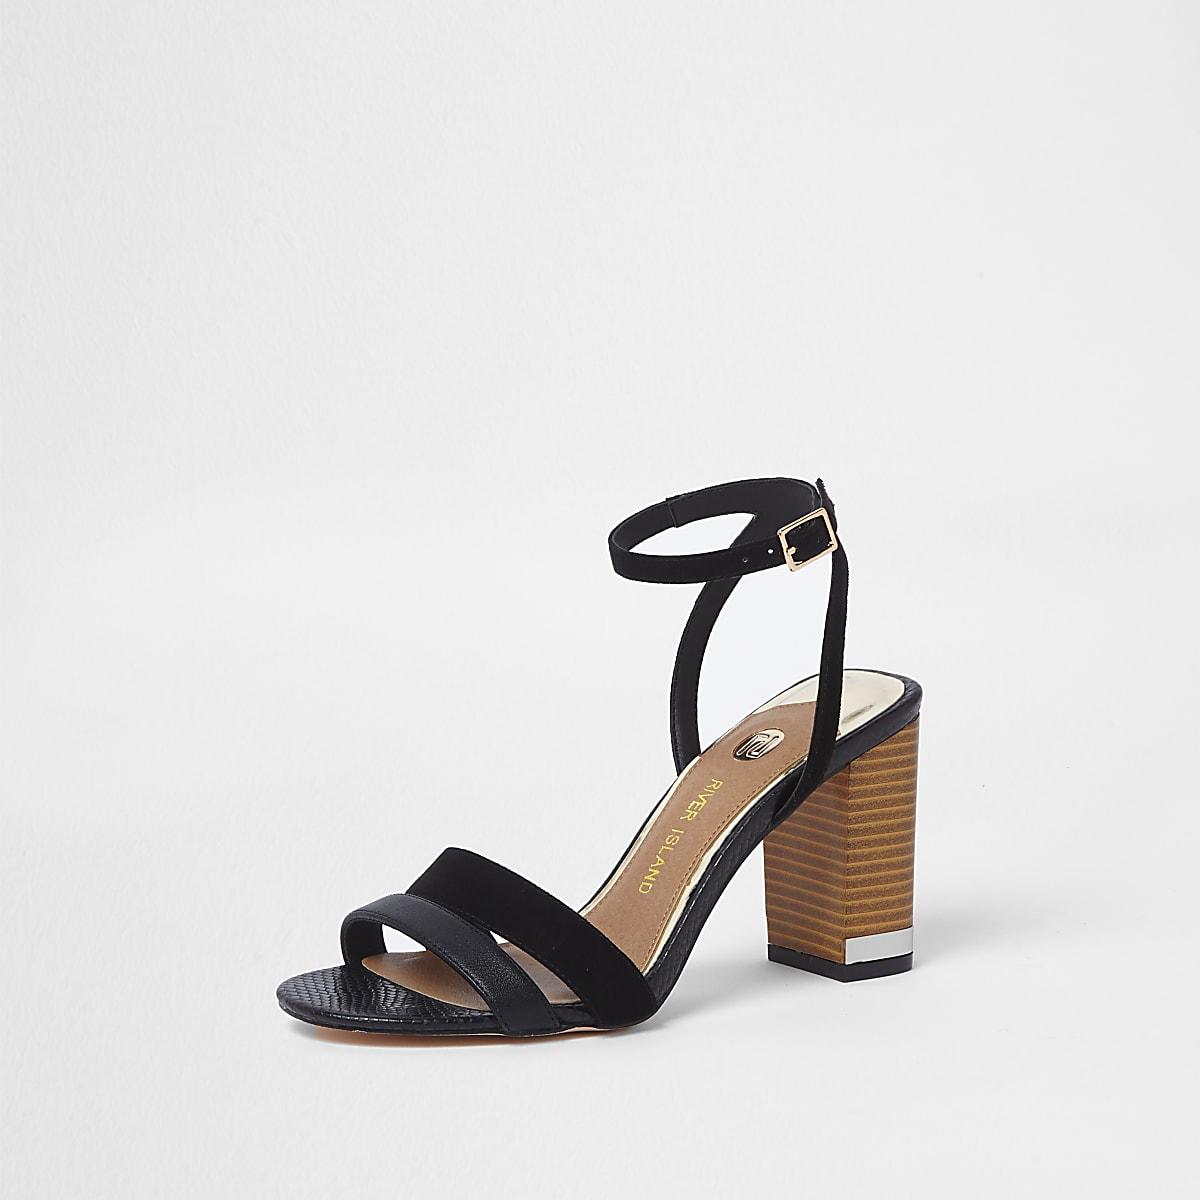 Boots Block Sandals Shoesamp; Black Heel Women tQdsrhC